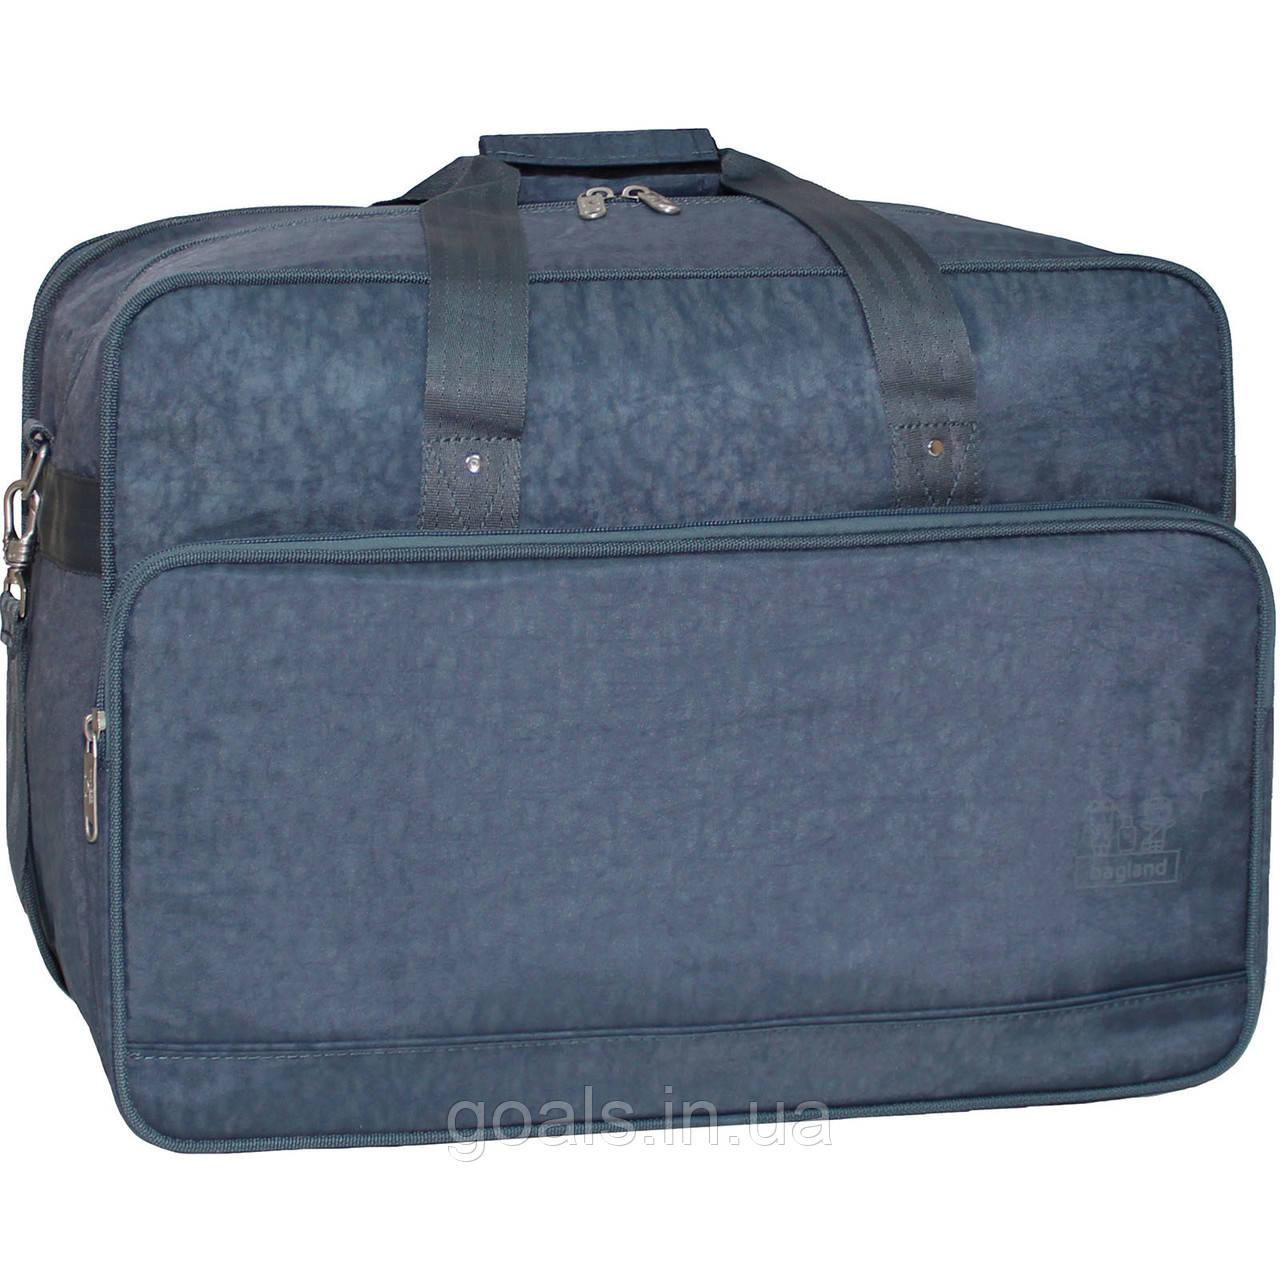 Украина Дорожная сумка Bagland Рига 36 л. 321 серый (0030370)